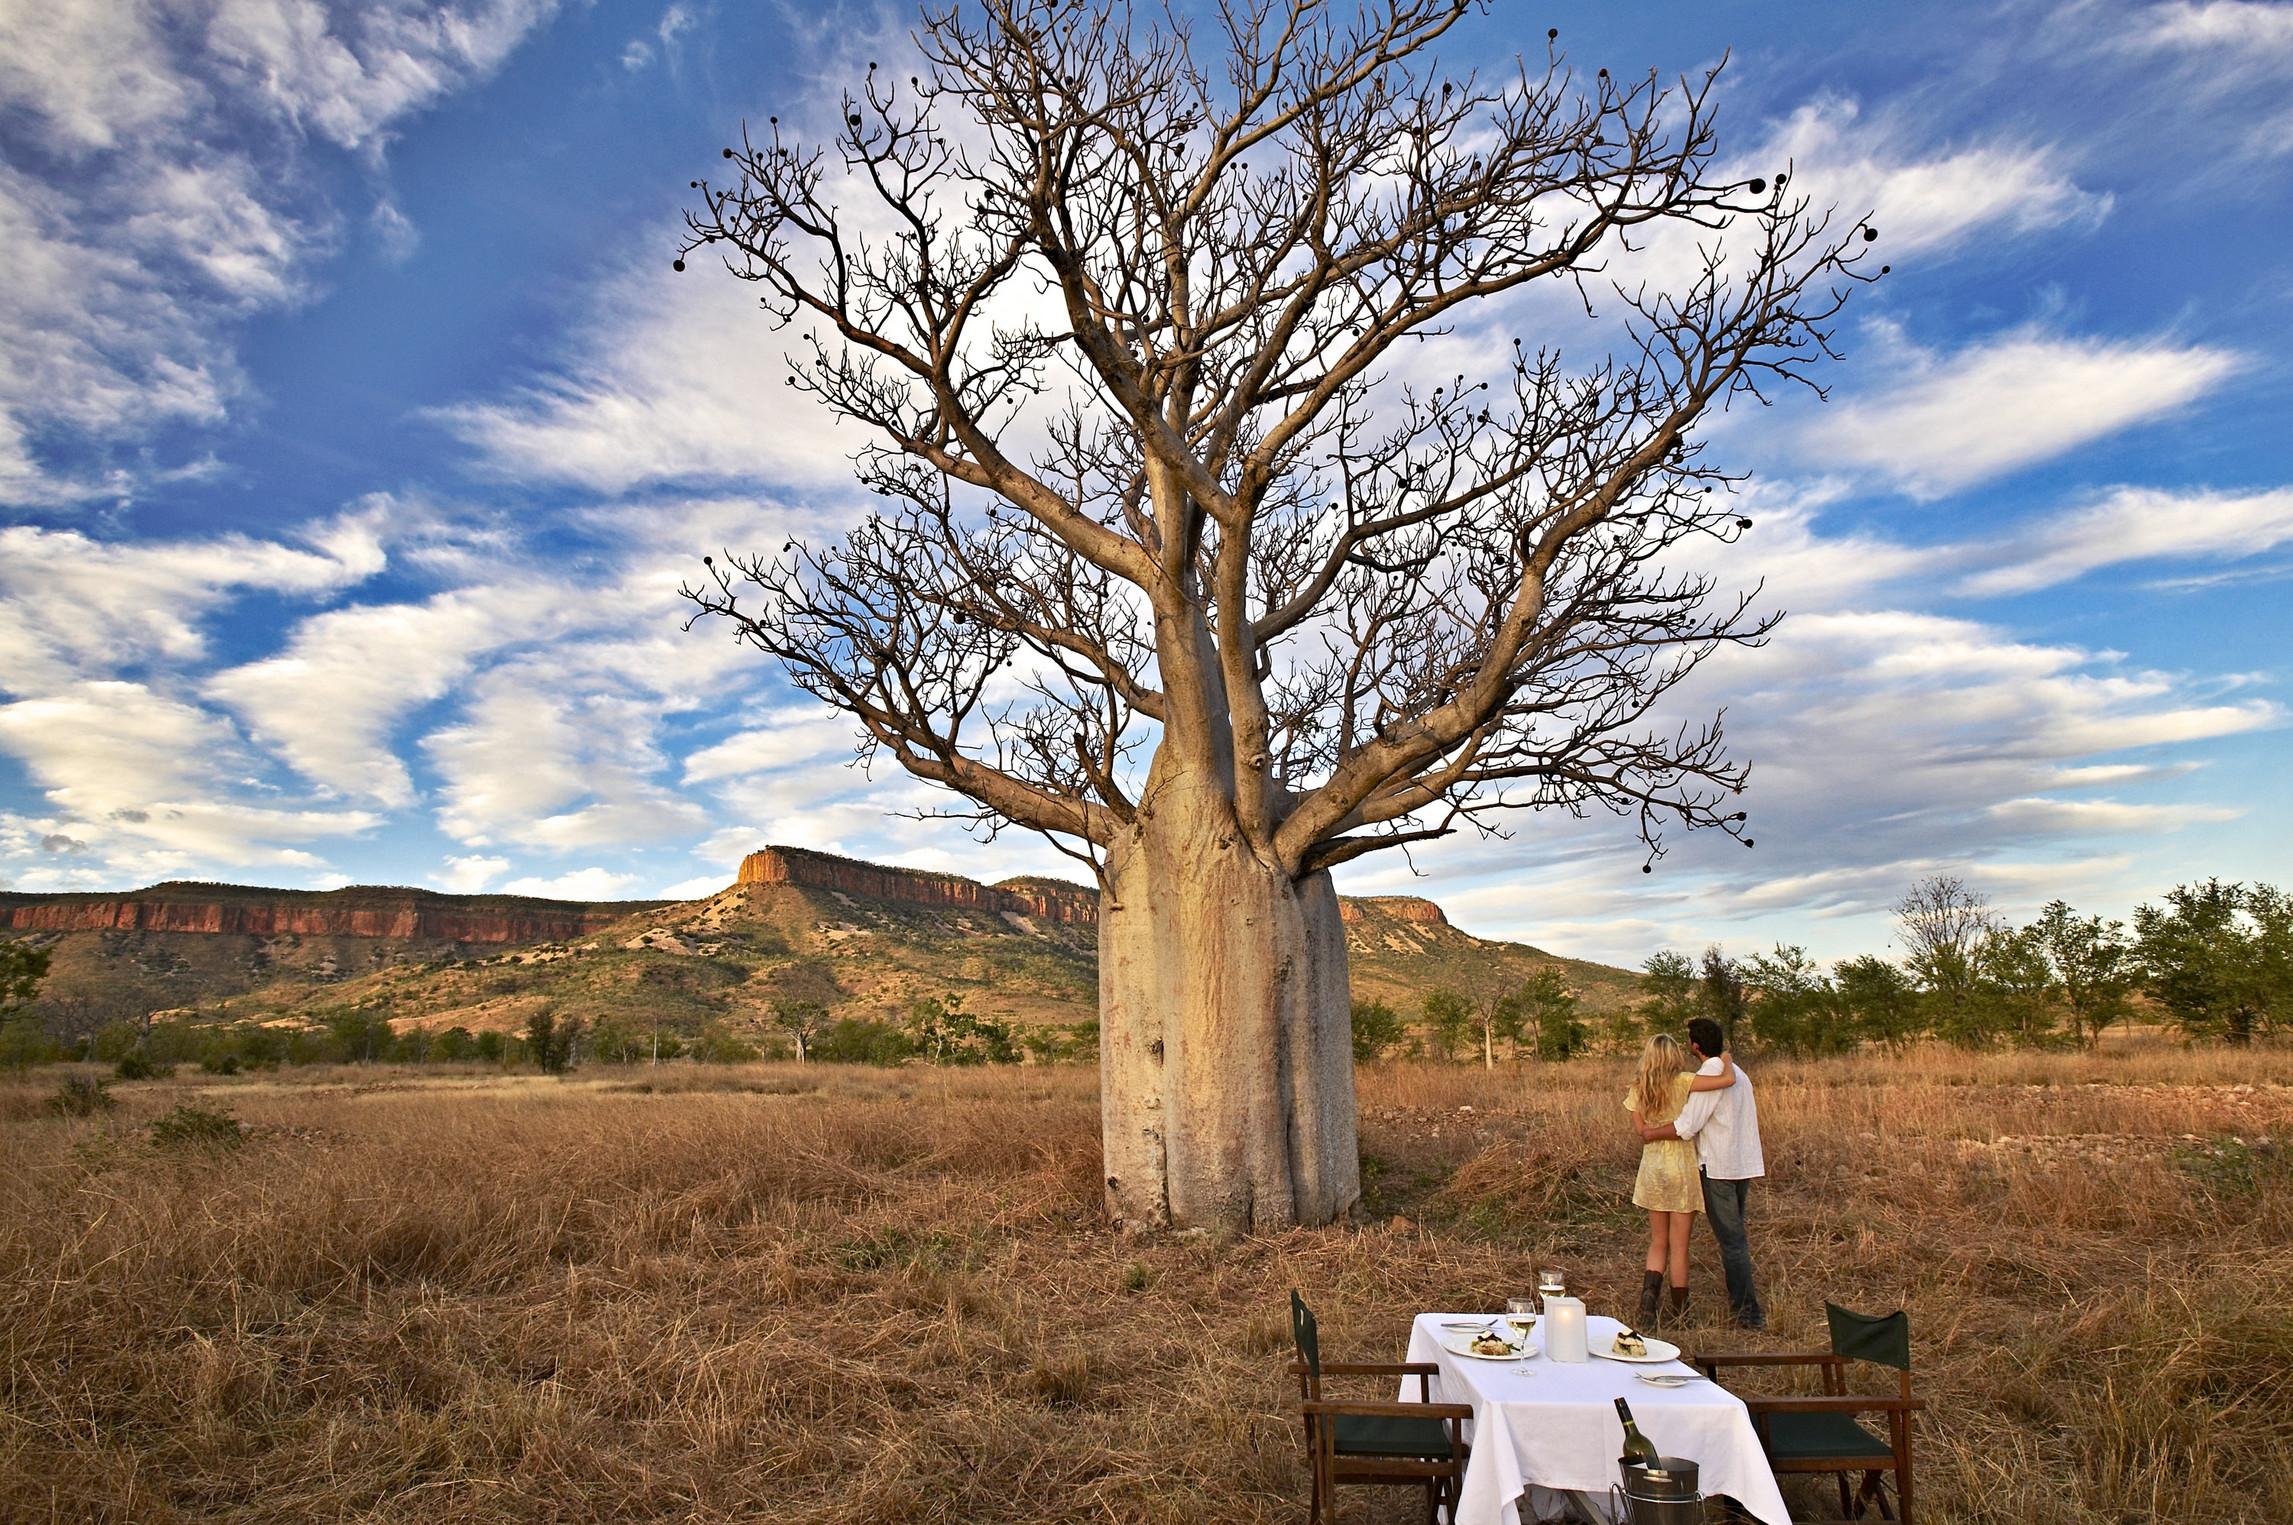 El Questro, Kimberley, Western Australia